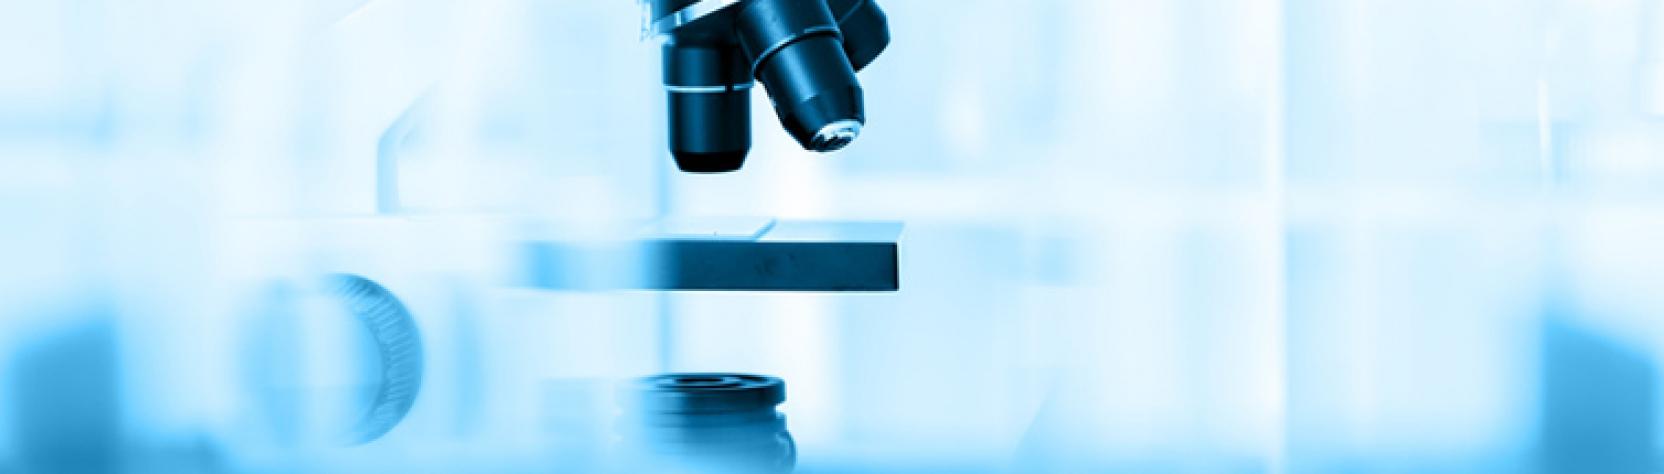 Le sdb fait le tour des dossiers de la biologie m dicale - Table nationale de codage de biologie ...